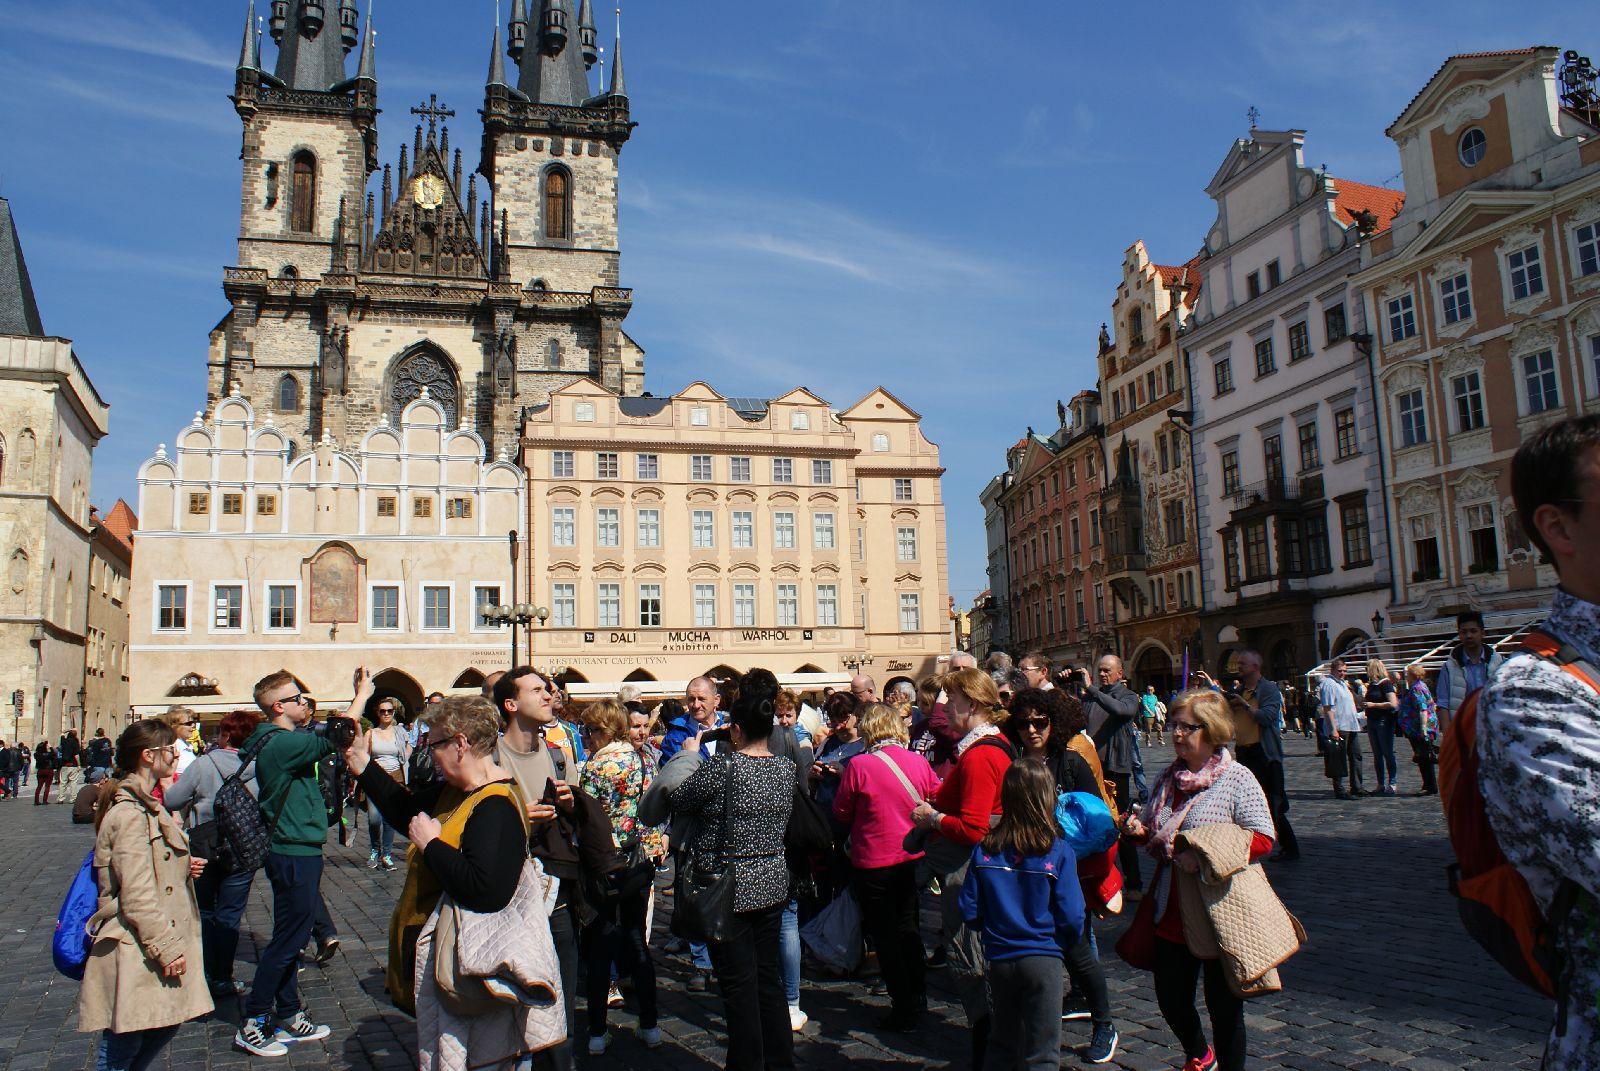 Ogl�dasz obraz z artyku�u: Maj�wka  cz�onk�w ZNP w Pradze cz.I.